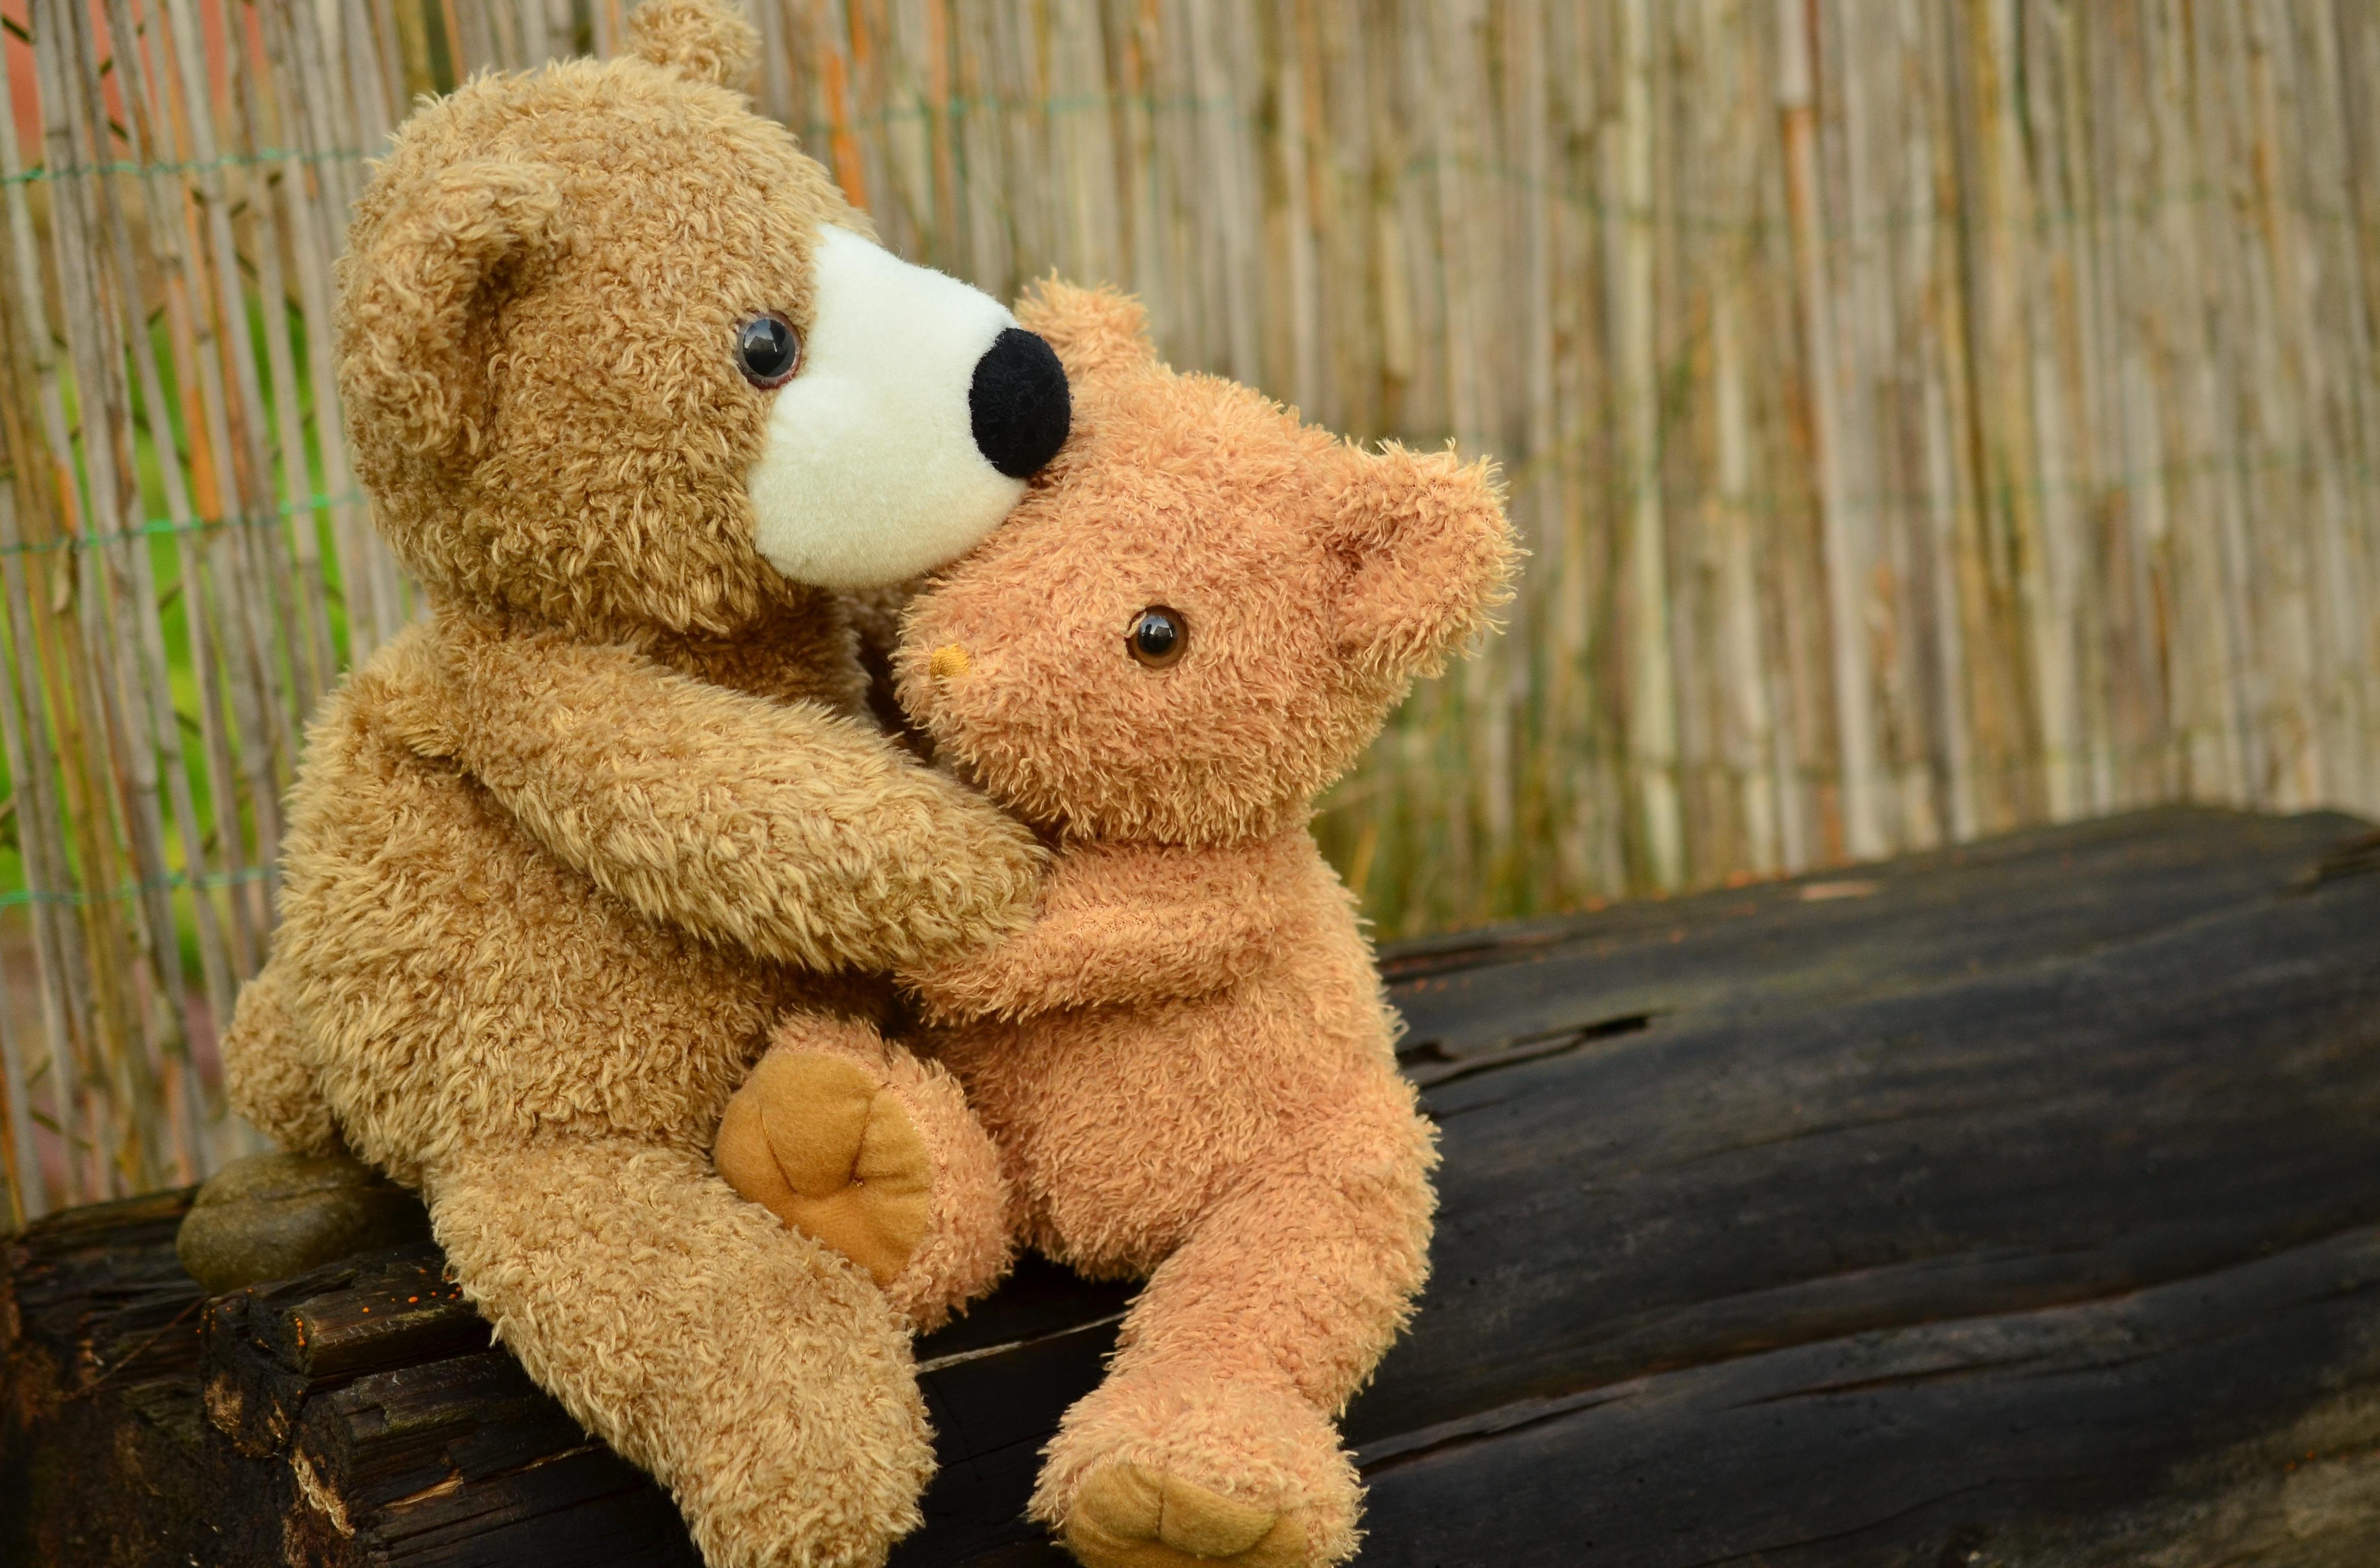 Gambar Cinta Persahabatan Beruang Teddy Tekstil Kenyamanan